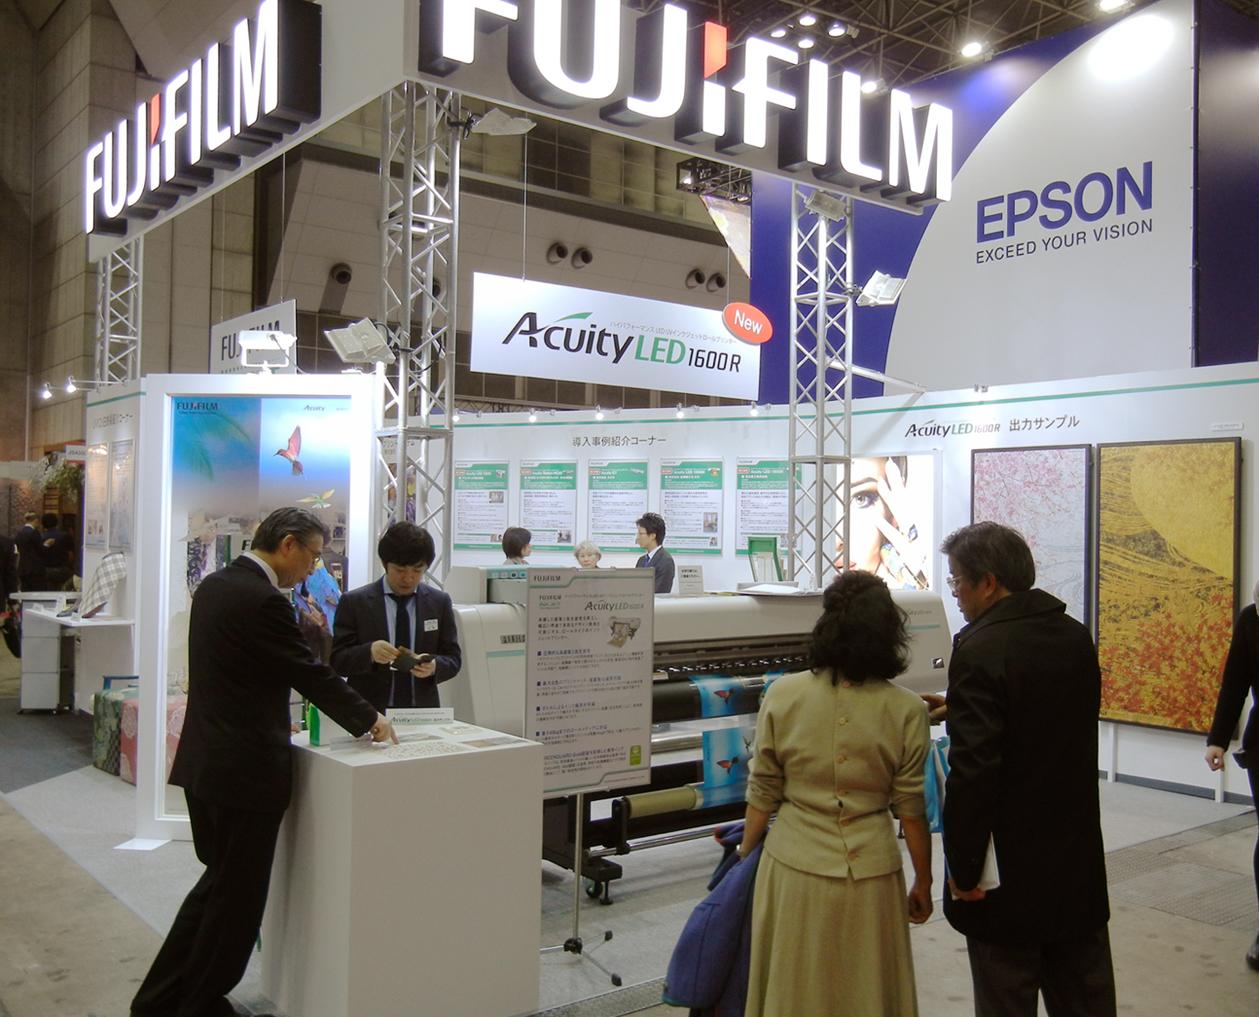 FFGSブースではAcuity LED 1600シリーズで出来るディスプレイづくりを提案